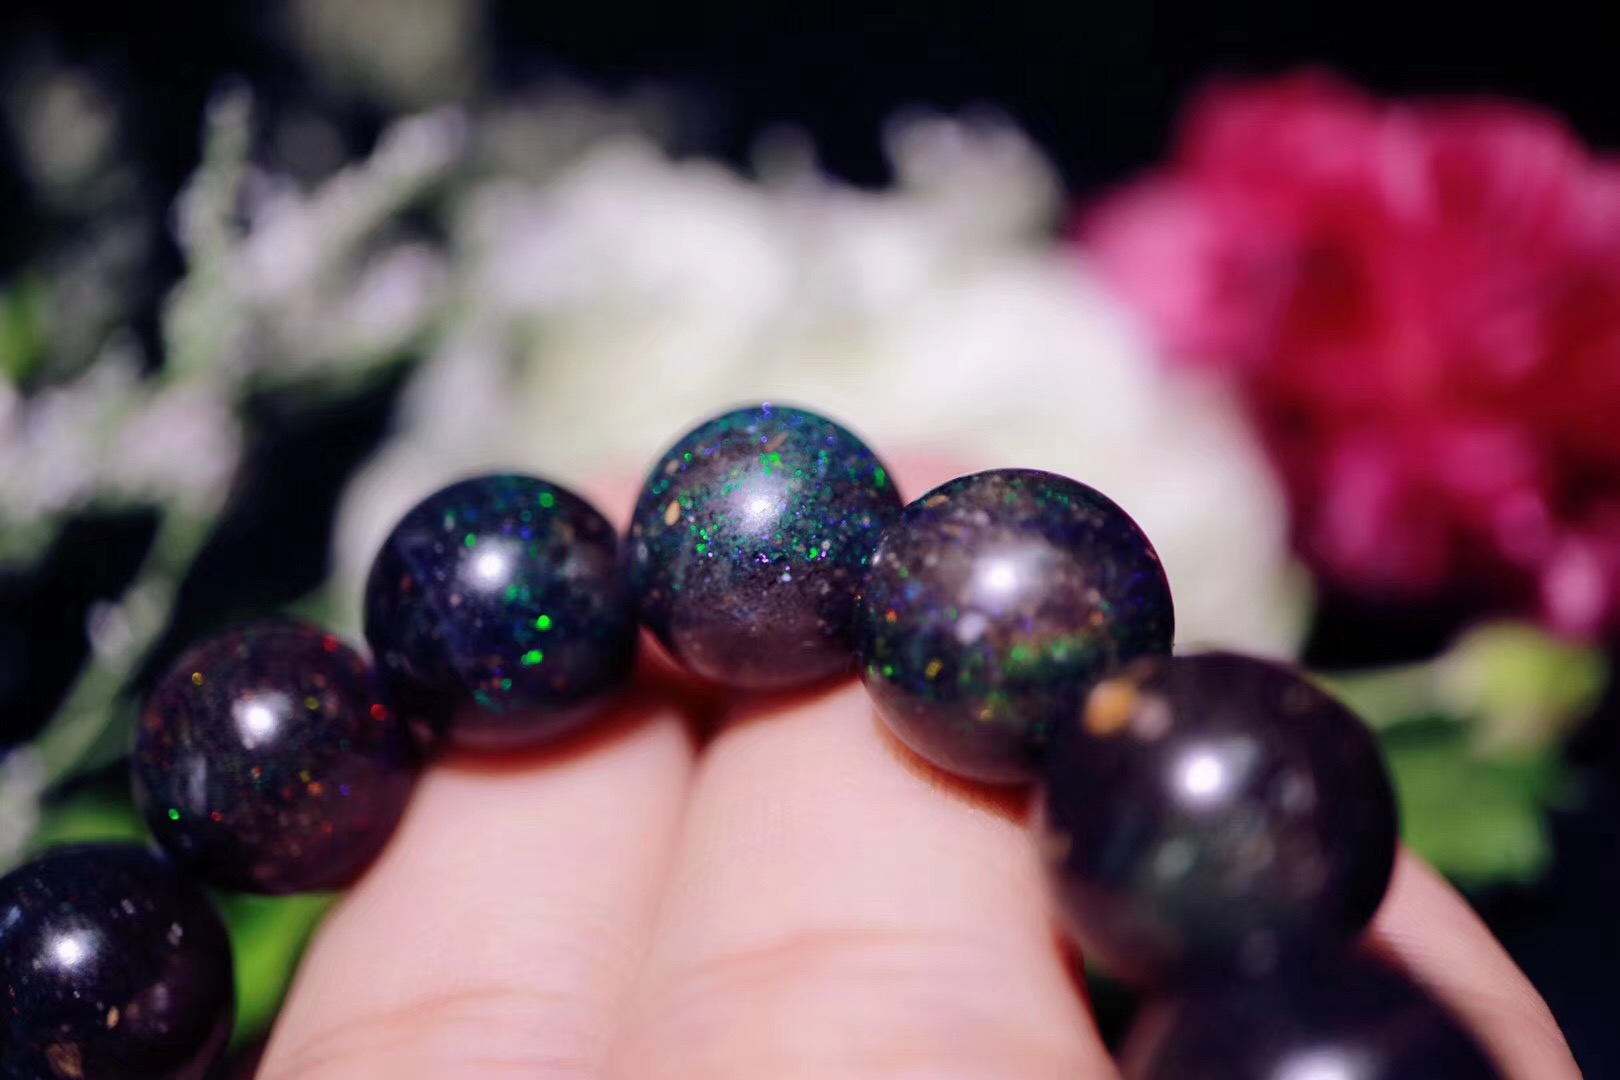 【黑欧泊】十月生辰石,也是希望和安乐之石-菩心晶舍